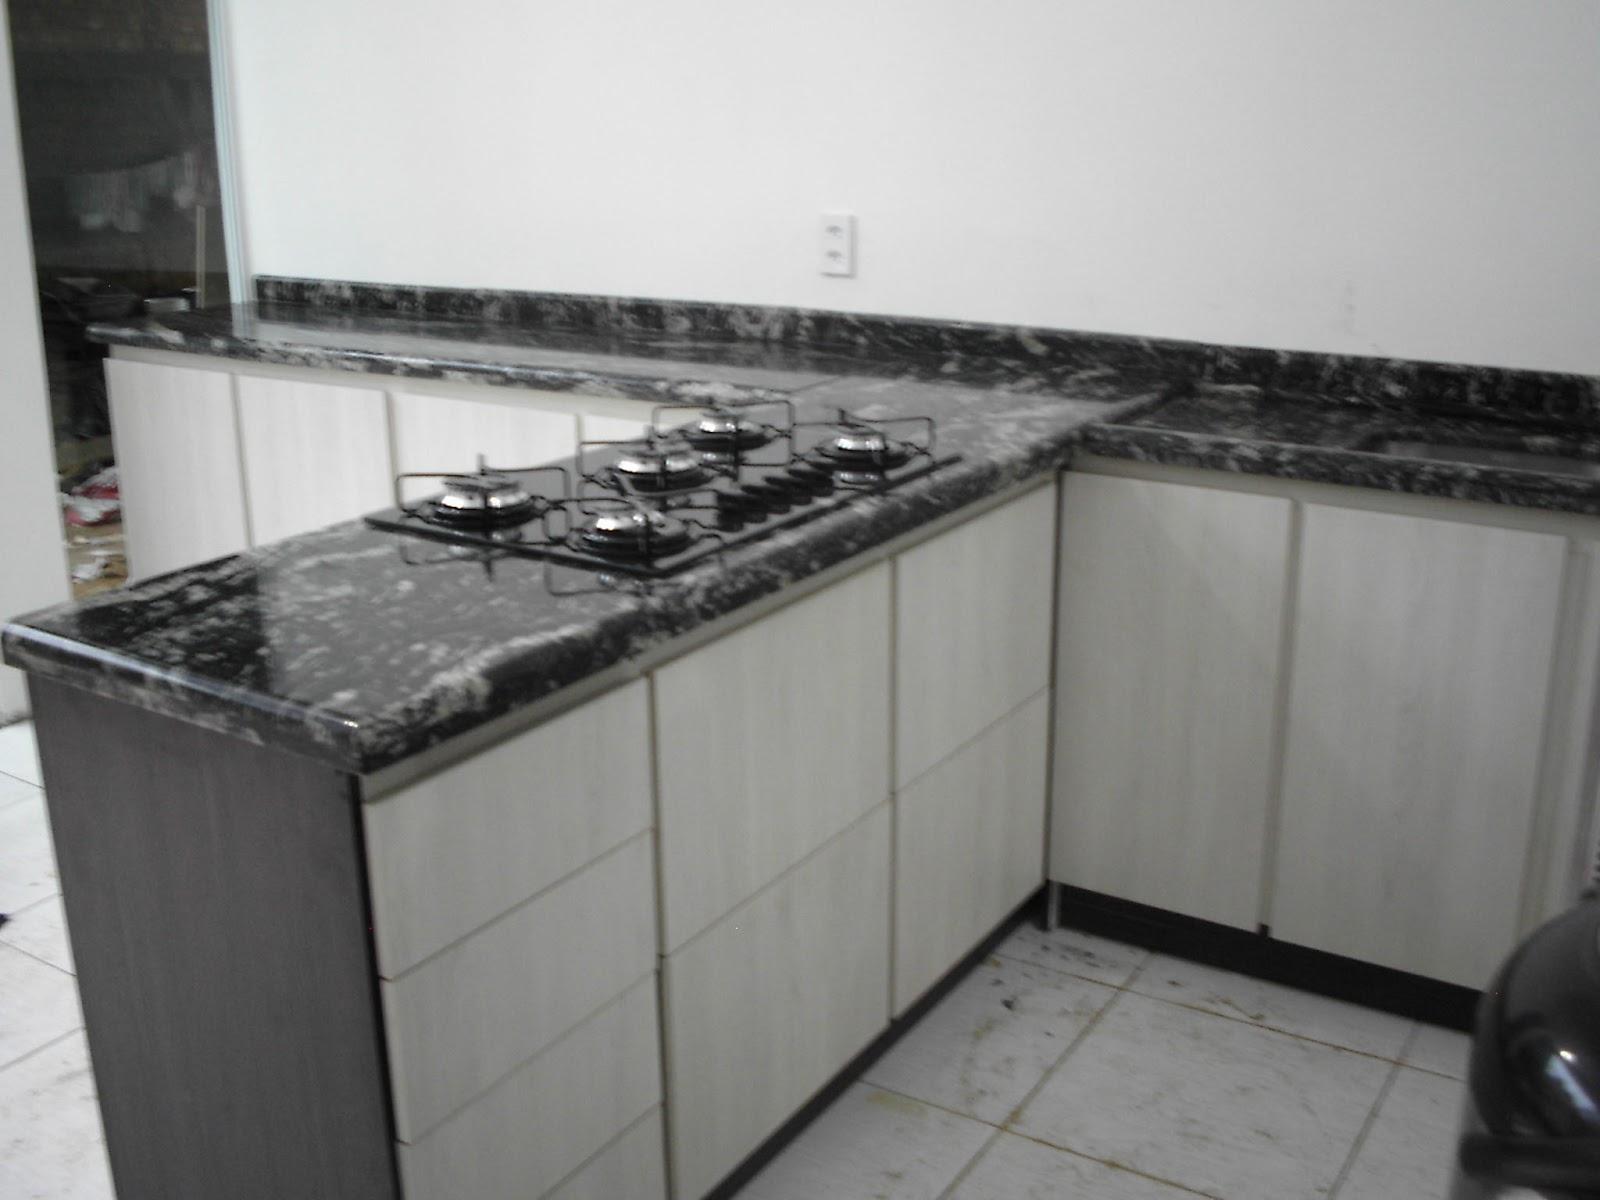 Pitanga Mármores e Granitos: Cozinha em Preto Indiano #5C5951 1600x1200 Banheiro Com Granito Preto Indiano